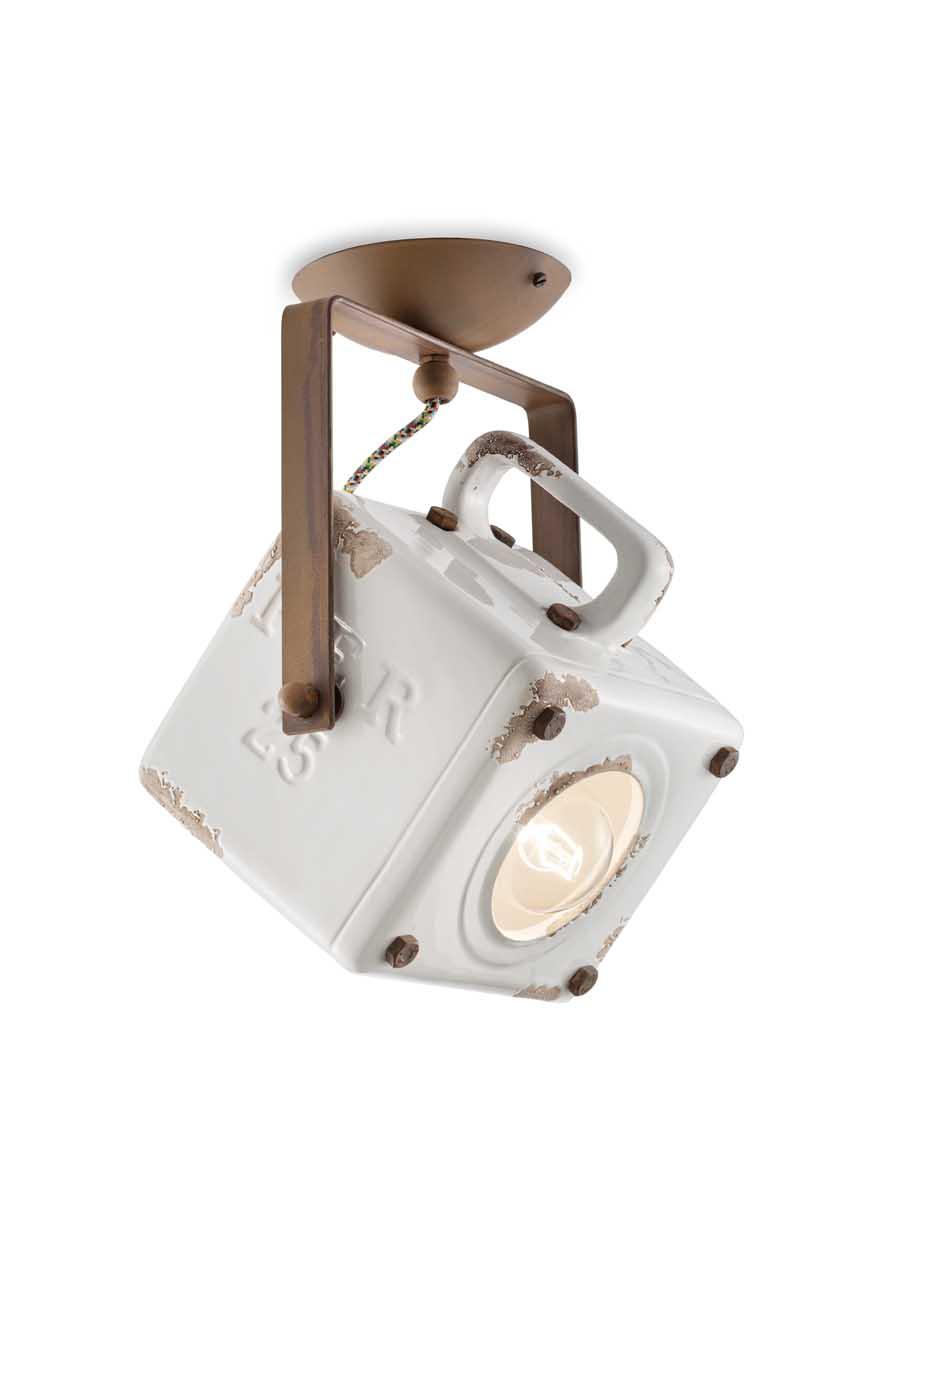 Full Size of Deckenlampe Industrial Ferroluce Deckenleuchte C1653vib Küche Esstisch Schlafzimmer Wohnzimmer Deckenlampen Bad Für Modern Wohnzimmer Deckenlampe Industrial